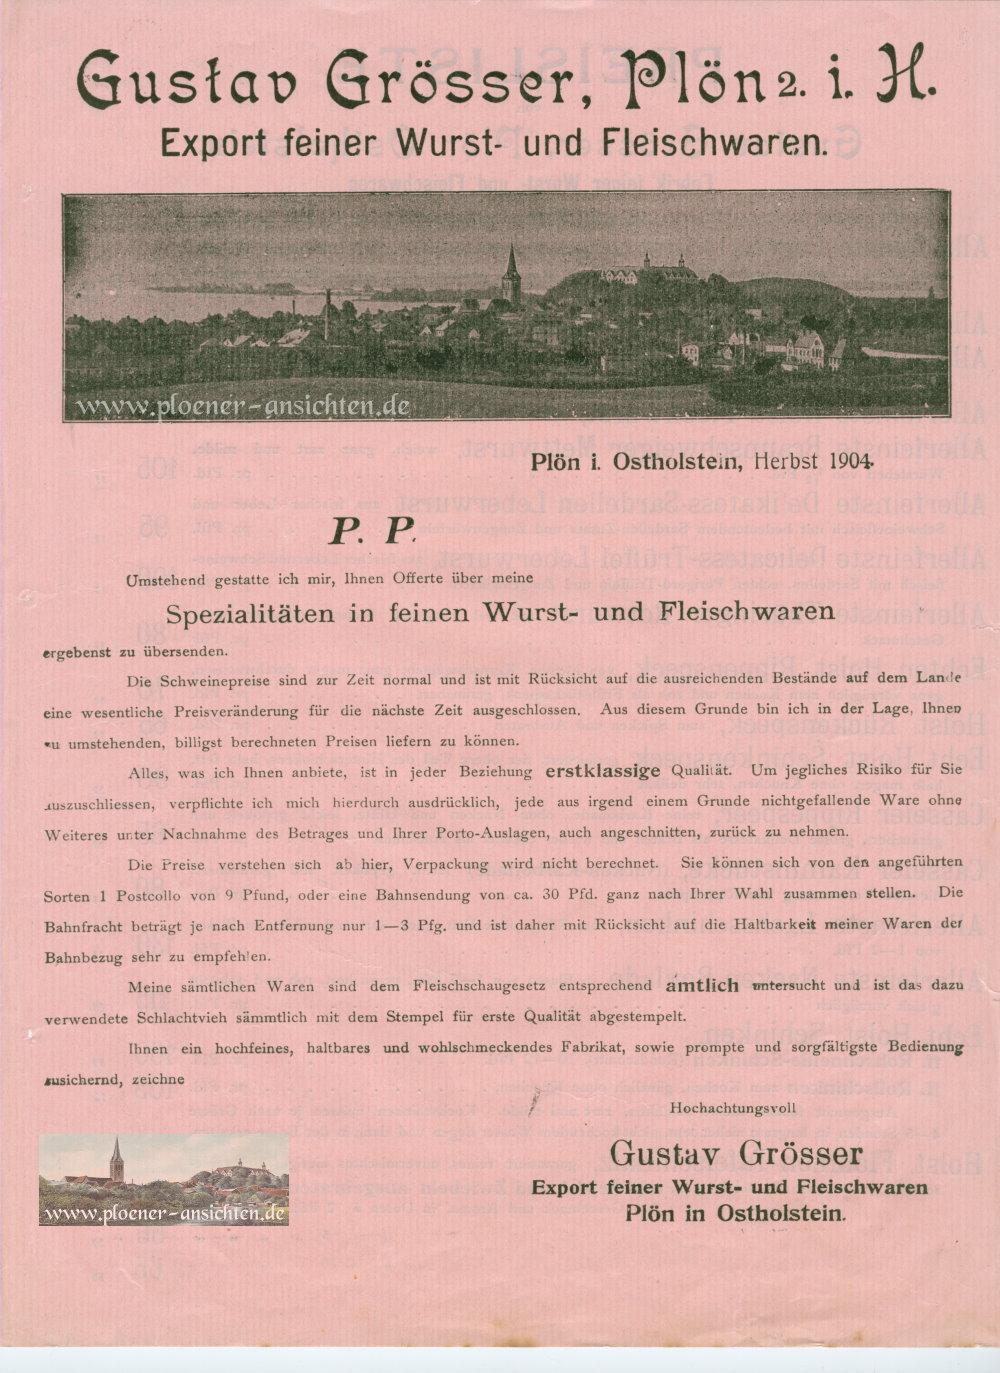 Gustav Grösser - Export feiner Wurst- und Fleischwaren